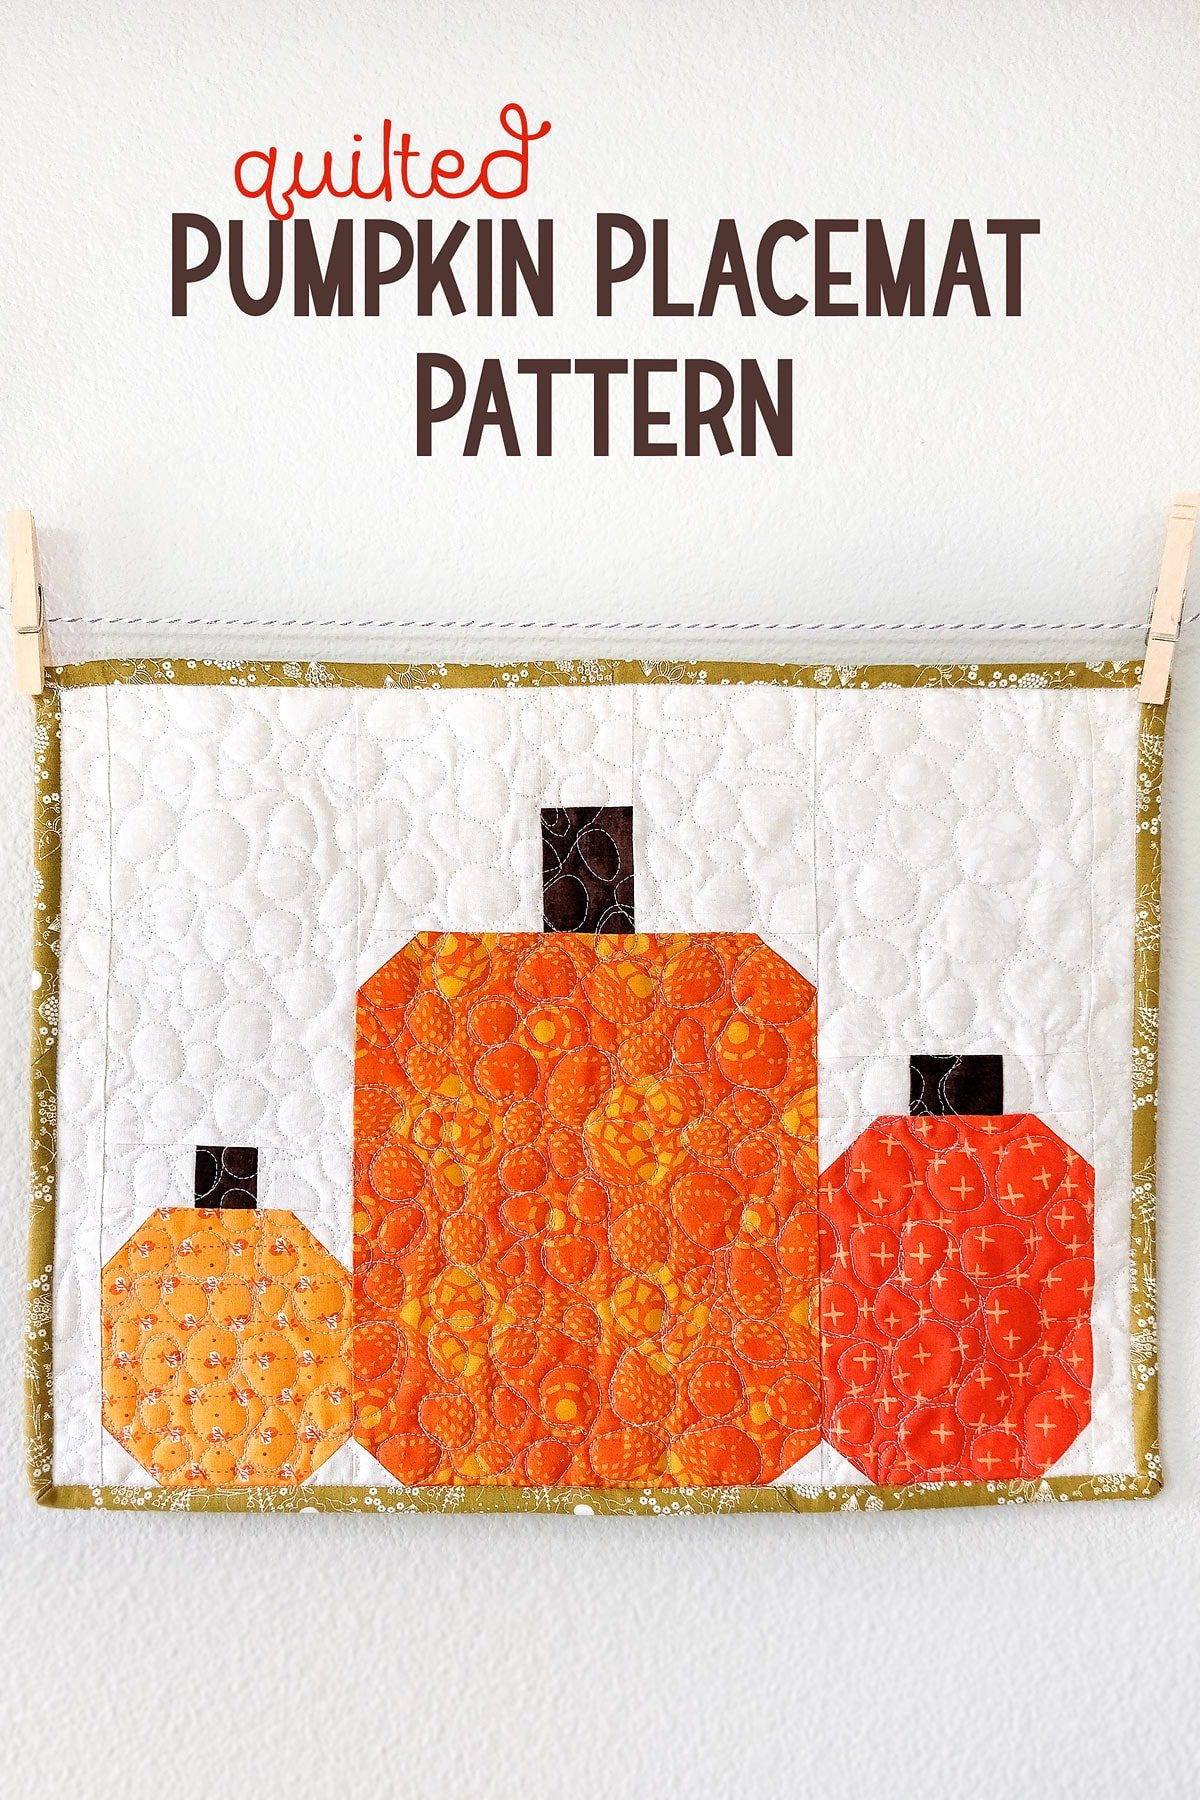 Quilted Pumpkin Placemat Pattern (free pumpkin quilt block)